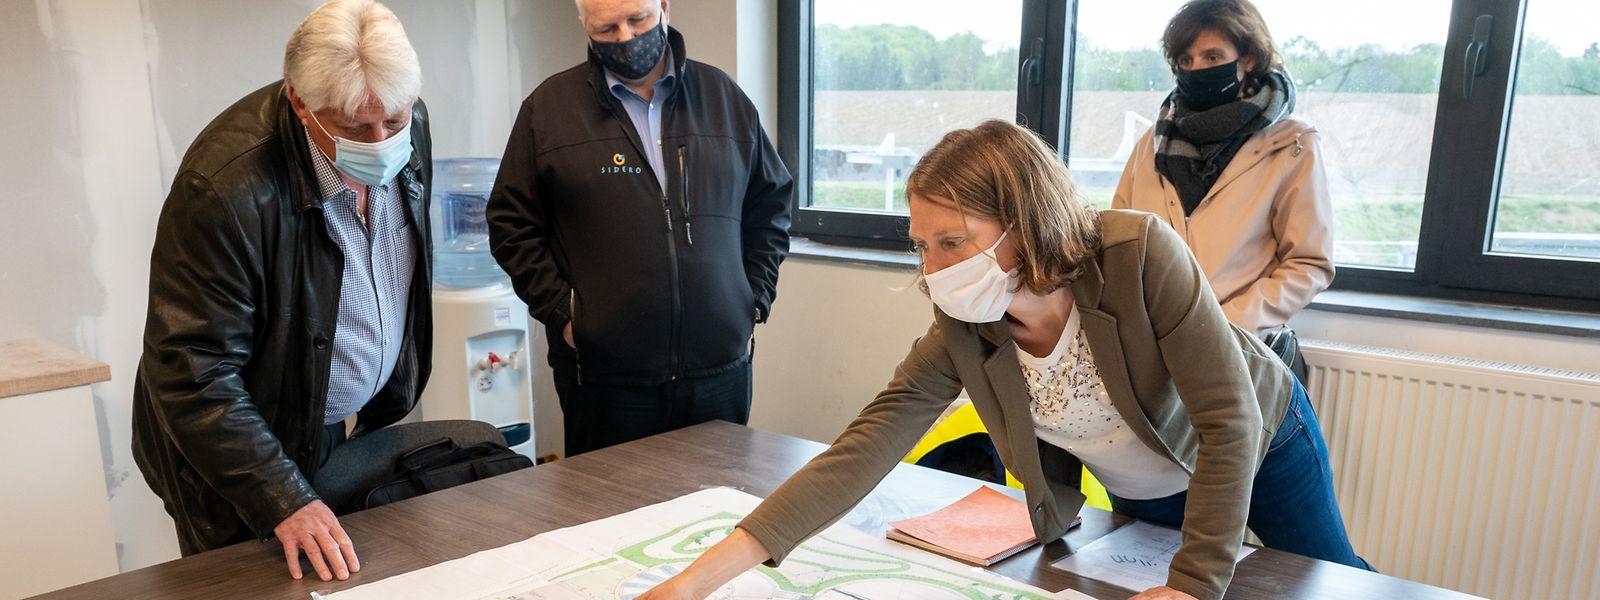 Bei den Planungen war die Standortfrage zentral. Betreiber der Kläranlage wird die belgische Idelux, der der Pumpstation das luxemburgische Sidero.